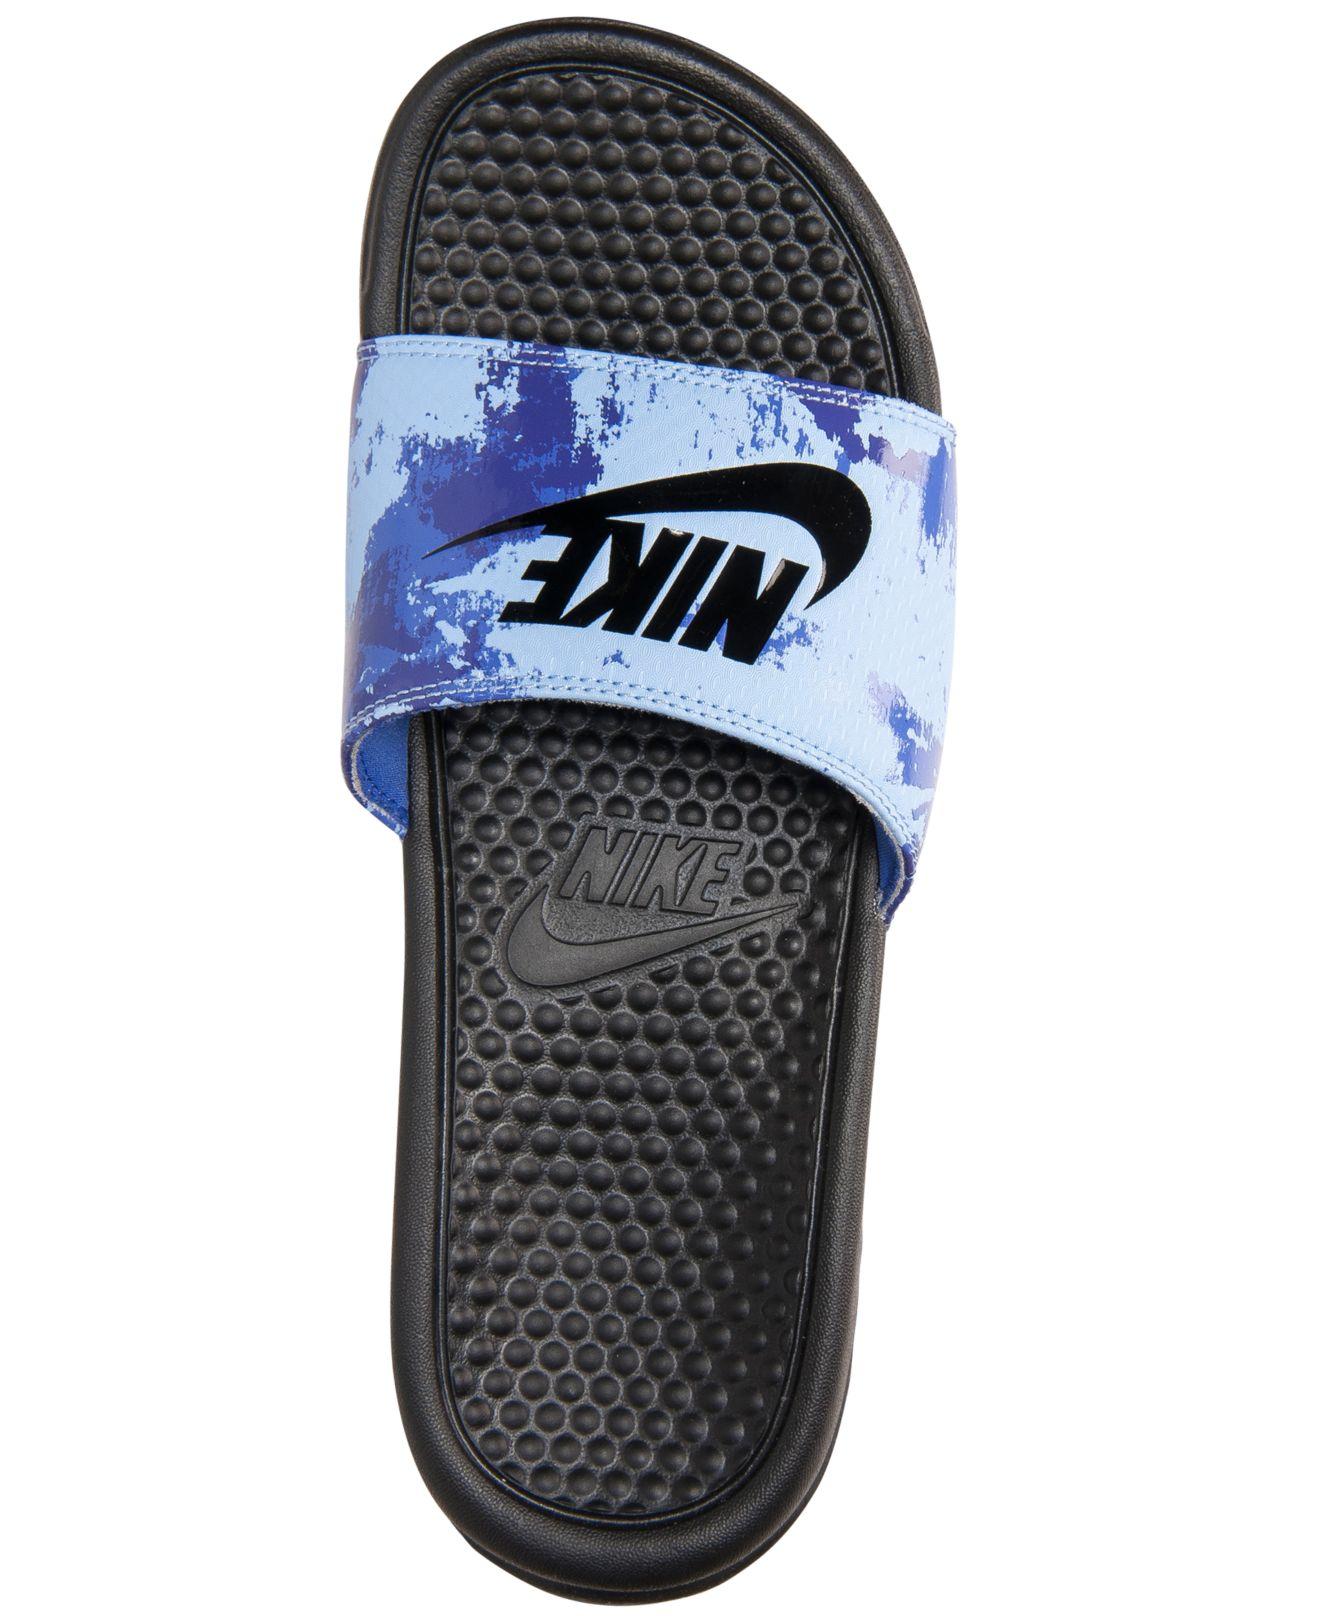 690b4cbb2617 ... cheap lyst nike mens benassi jdi print slide sandals from finish line  80f9f 9b2ab